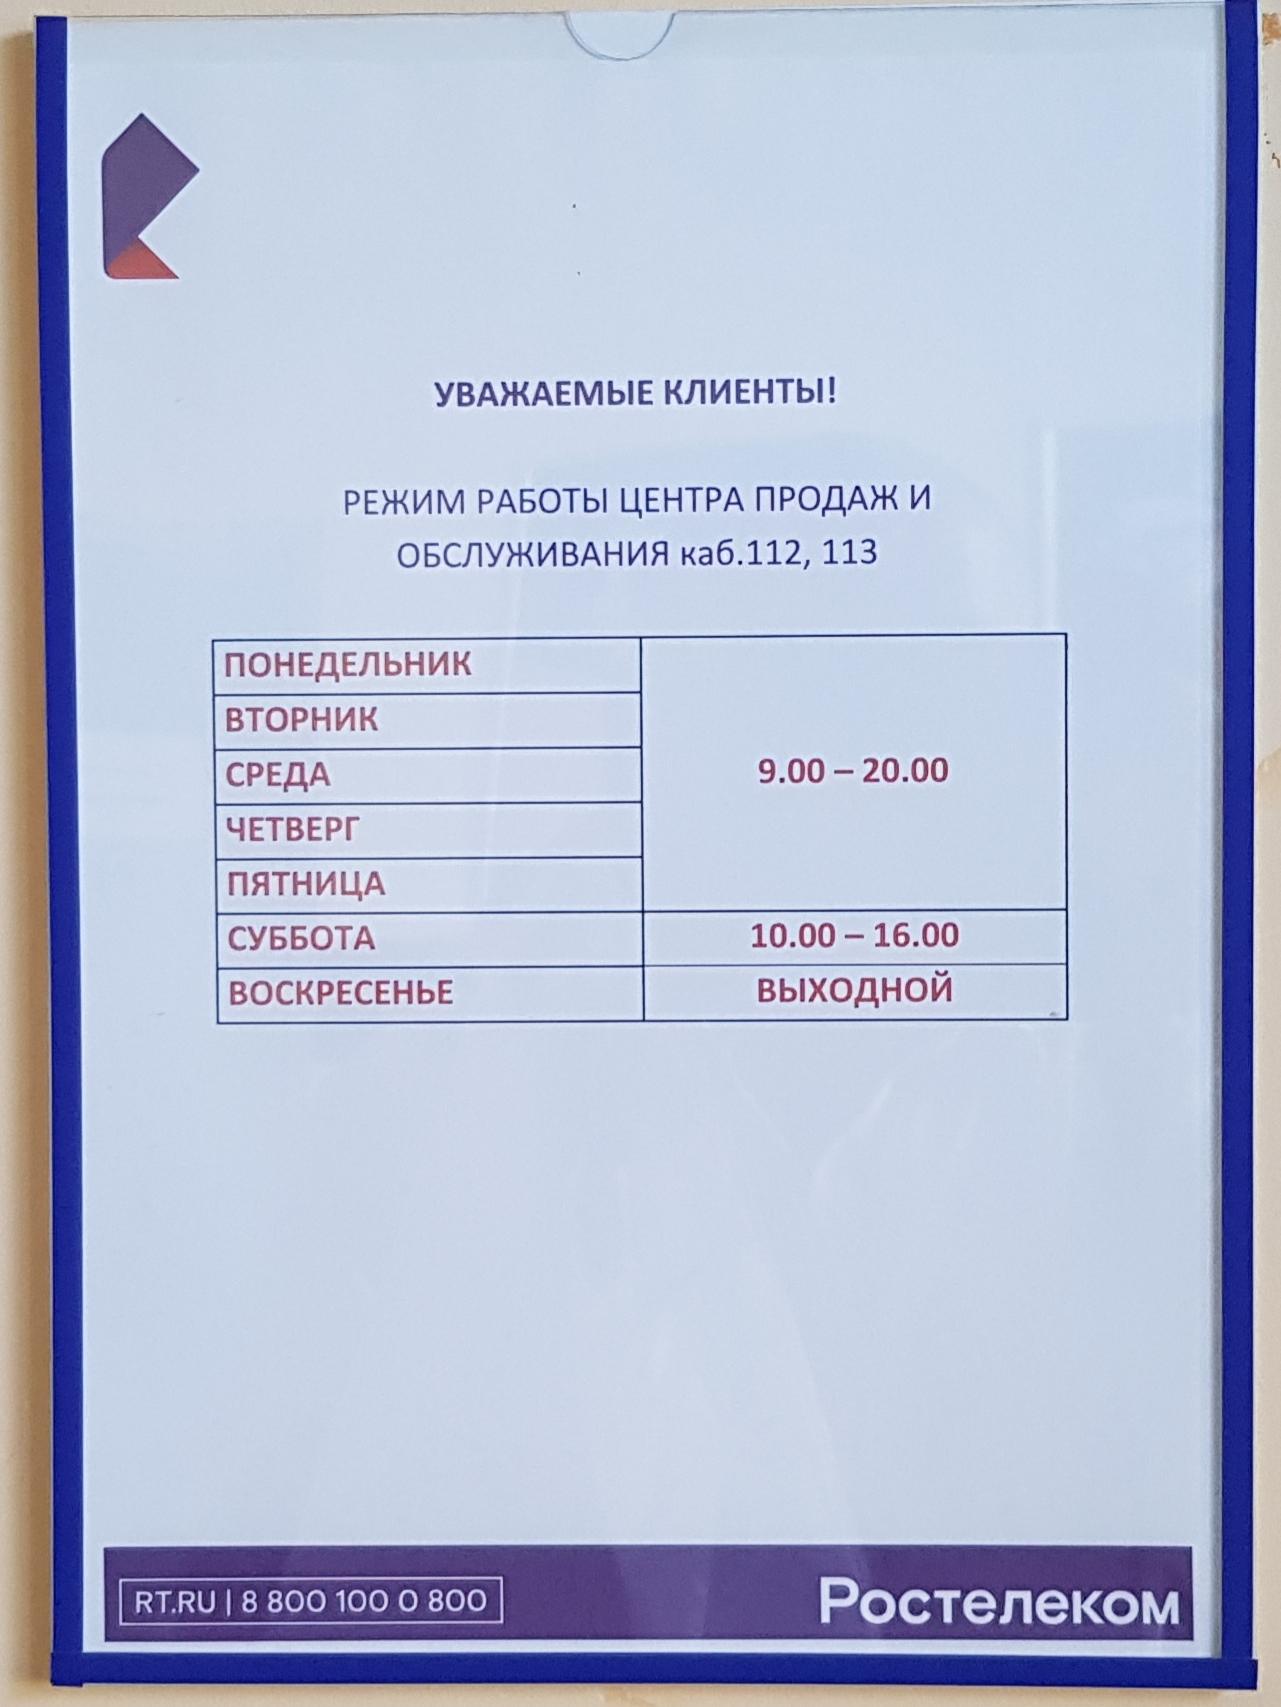 пао ростелеком киров официальный сайт контакты сельский ипотечный кредит